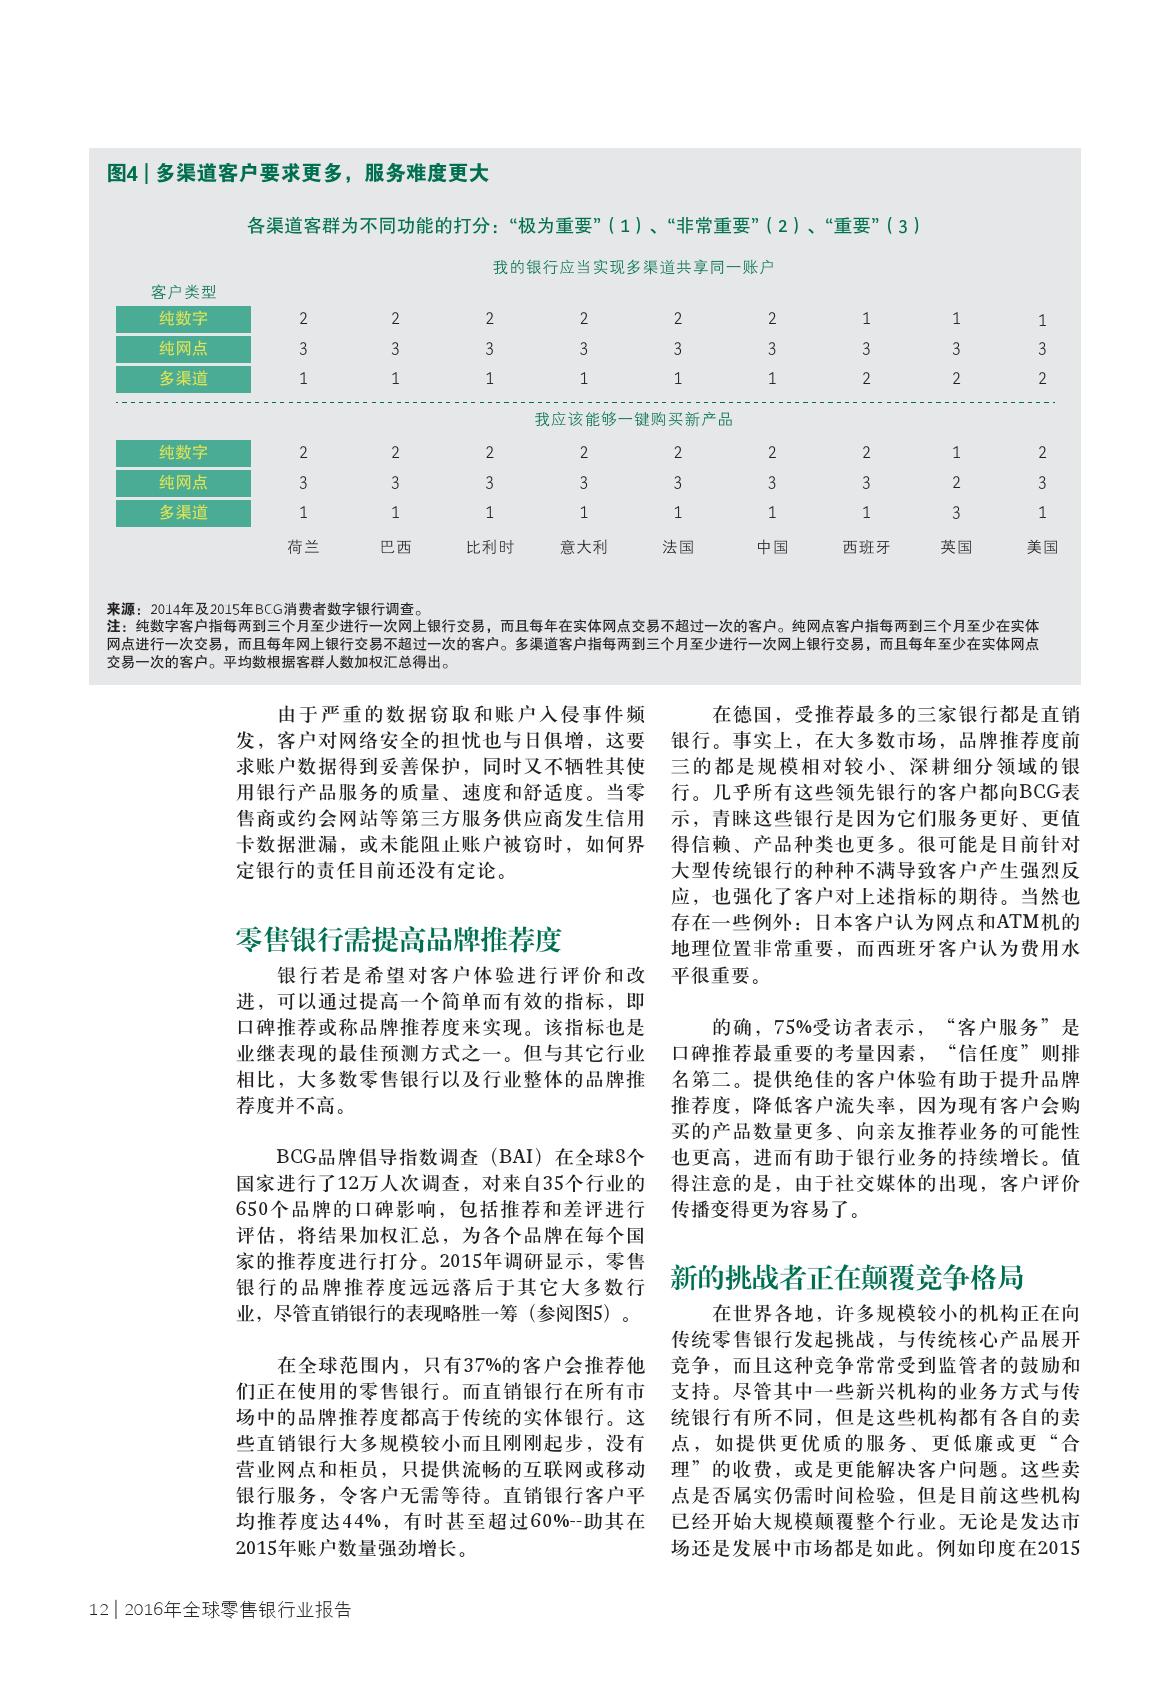 2016年全球零售银行业报告_000014